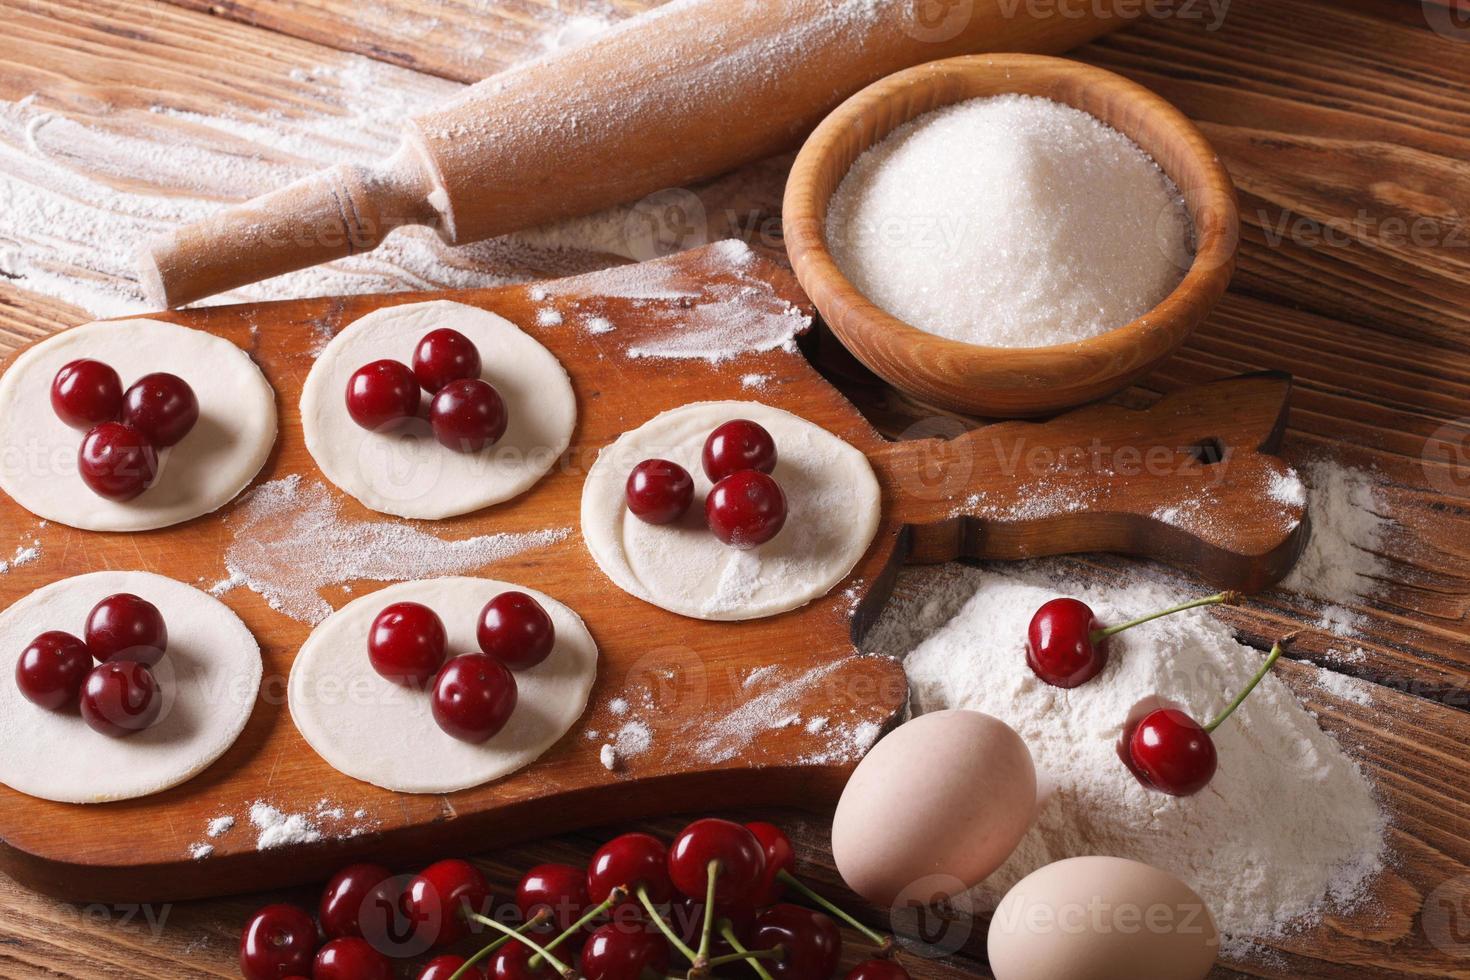 proces van het koken van zoete knoedels met kersen foto